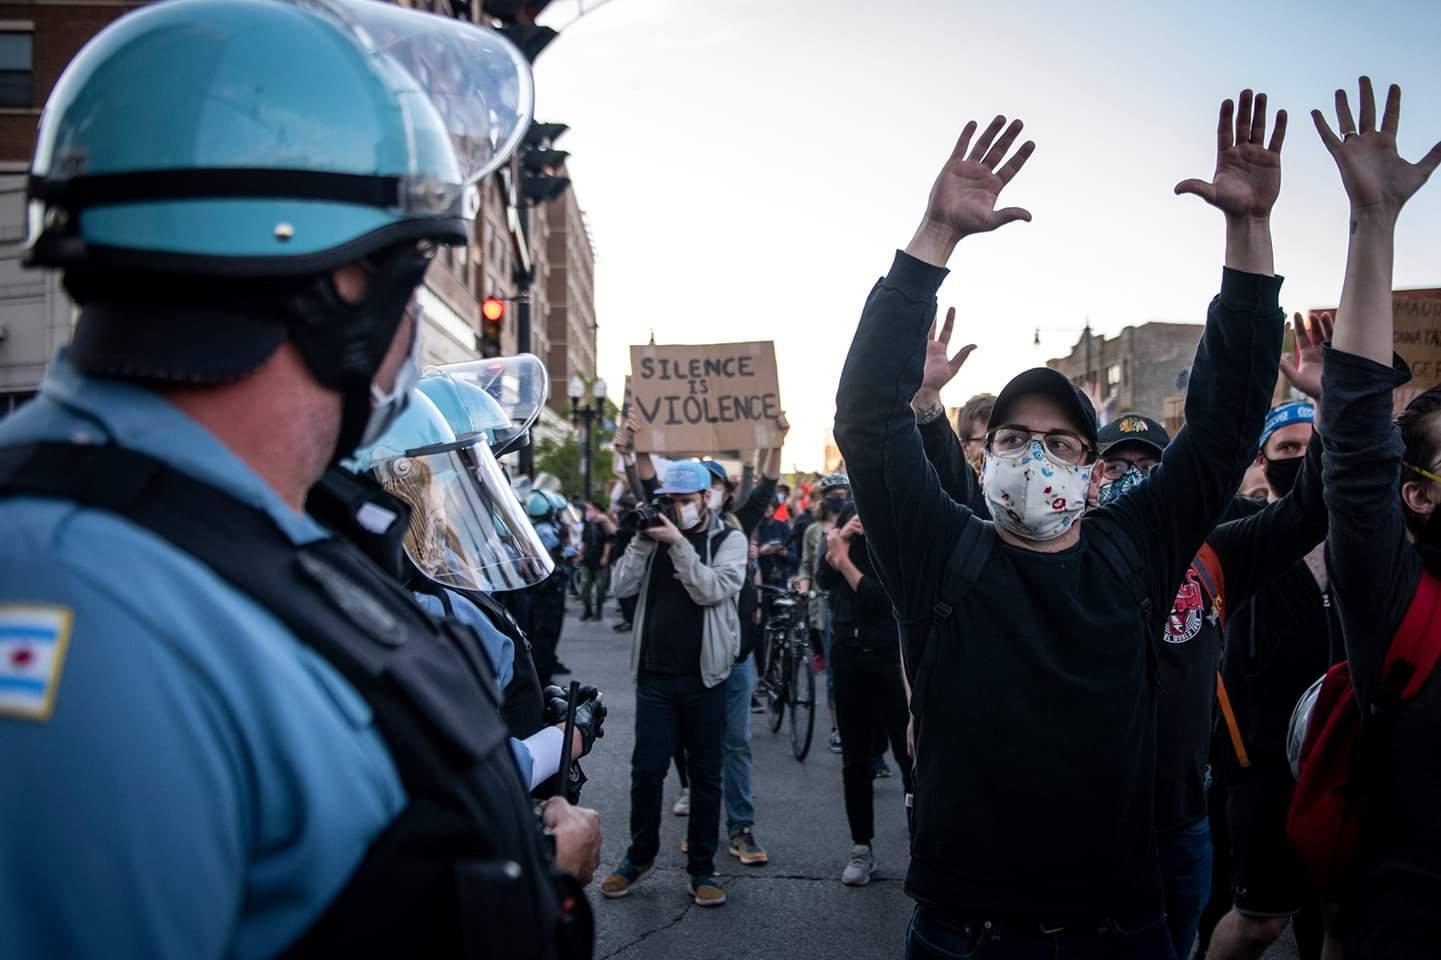 رجال شرطة يقفون على أهبة الاستعداد بمواجهة محتجين في مدينة شيكاغو الأمريكية، في أول يونيو. لقي شخصان مصرعهما واعتقل نحو 60 مع تزايد الاحتجاجات وأعمال النهب في مدينة شيكاغو وضواحيها يوم الاثنين، احتجاجا على موت #جورج_فلويد .